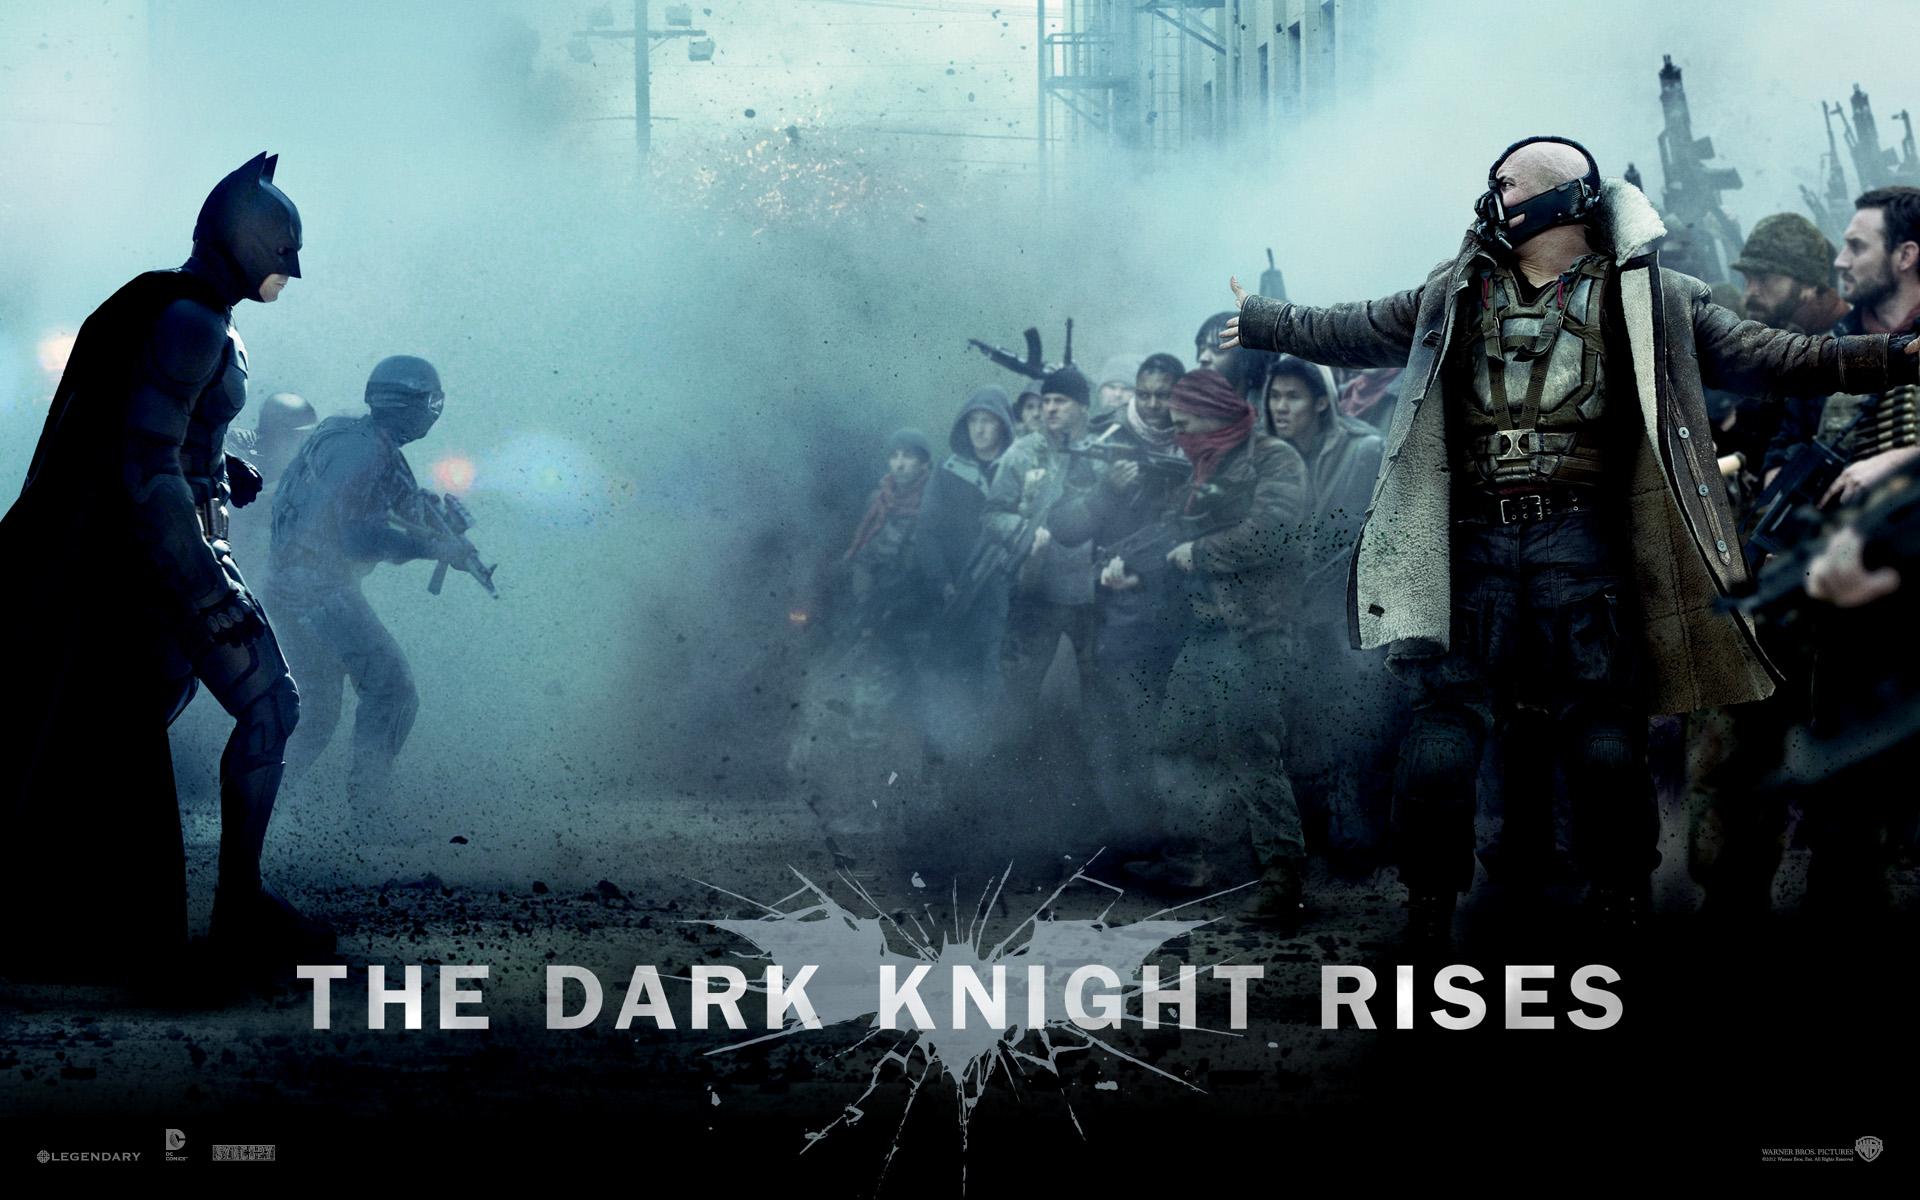 Batman Film The Dark Knight Rises Wallpapers HD Wallpapers 1920x1200